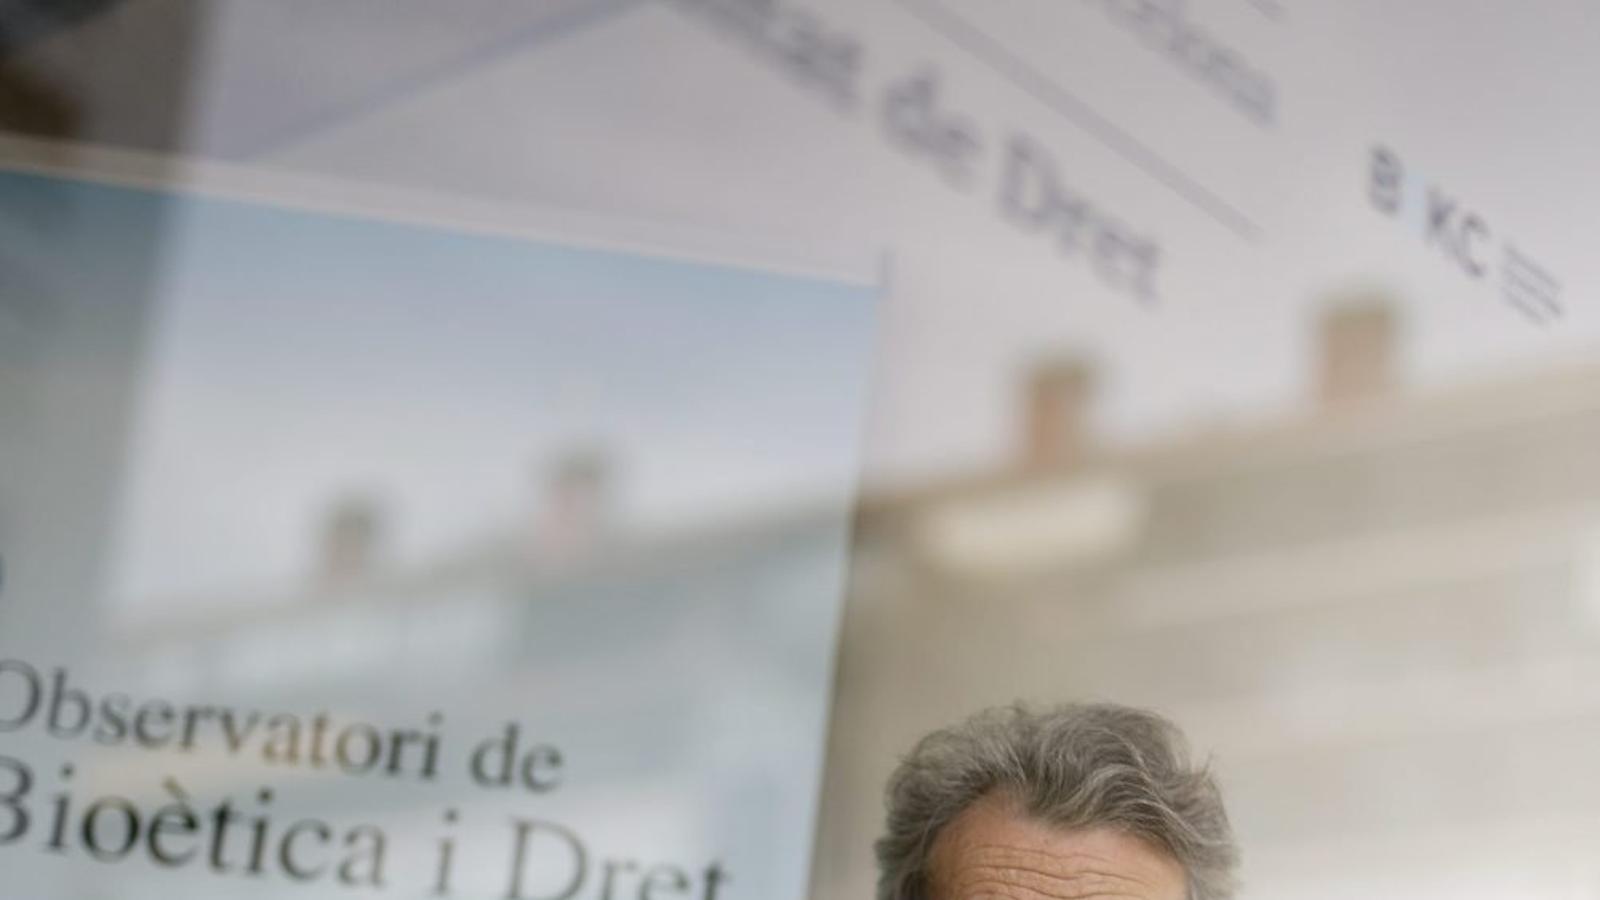 Albert Royes fa anys que defensa la legalització de l'eutanàsia i el suïcidi assistit per evitar patiments innecessaris.